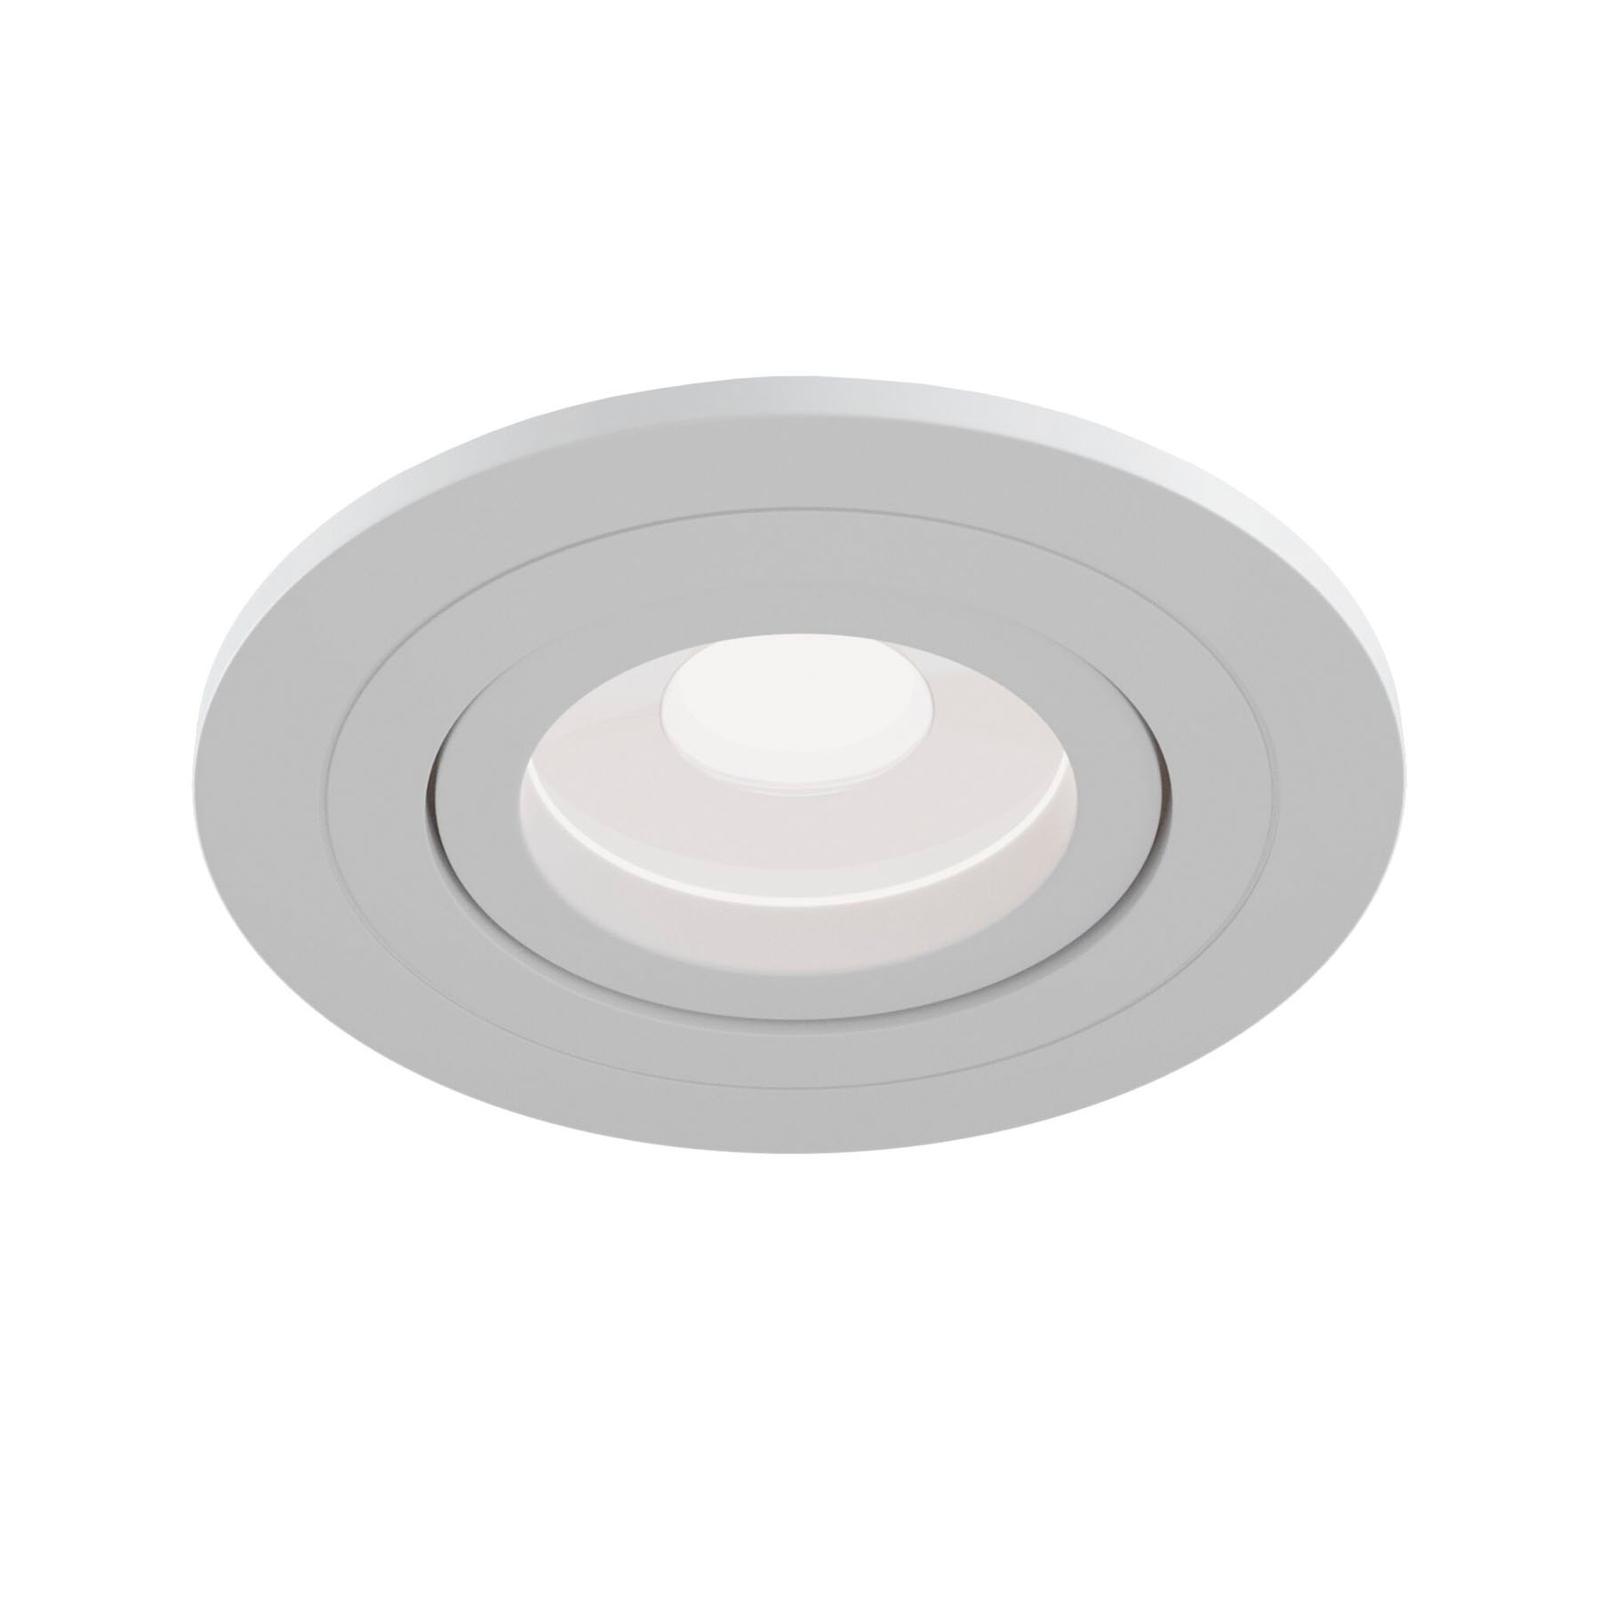 Atom downlight, GU10, hvit, rund ramme